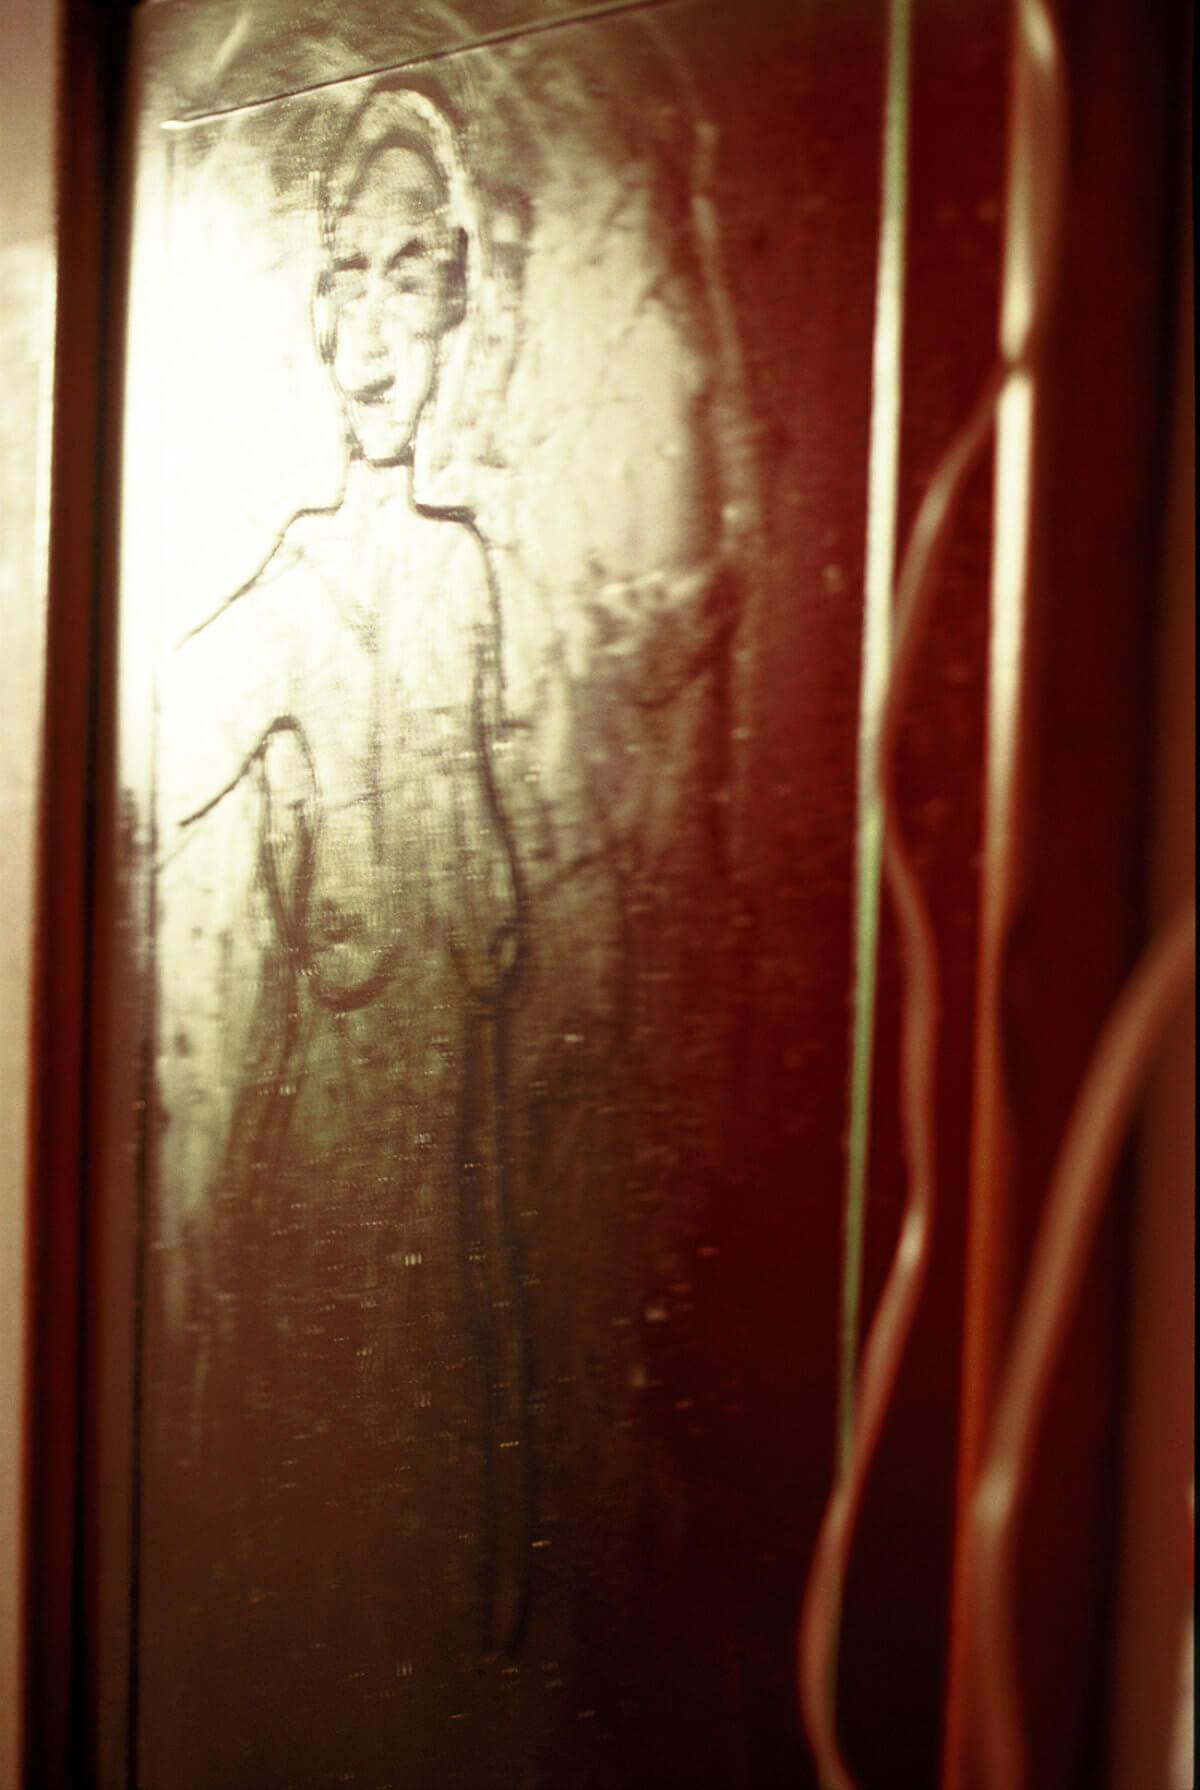 Vaho 9, photography, 2000